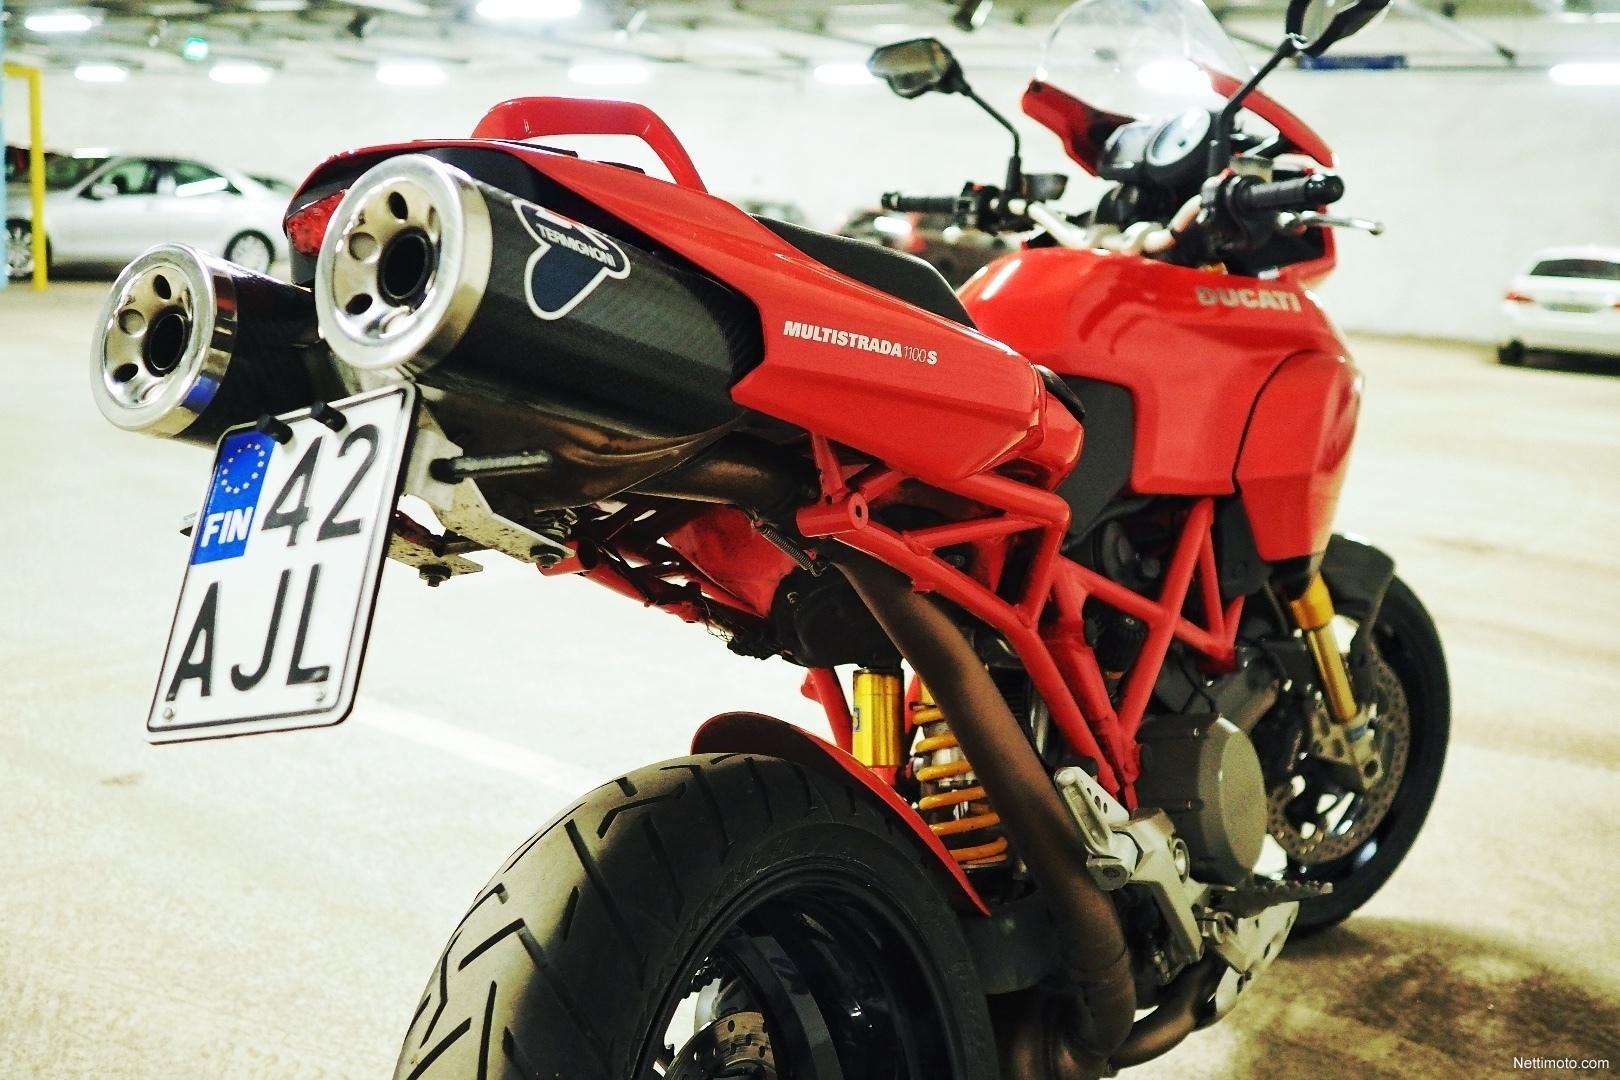 Enlarge image. Ducati Multistrada